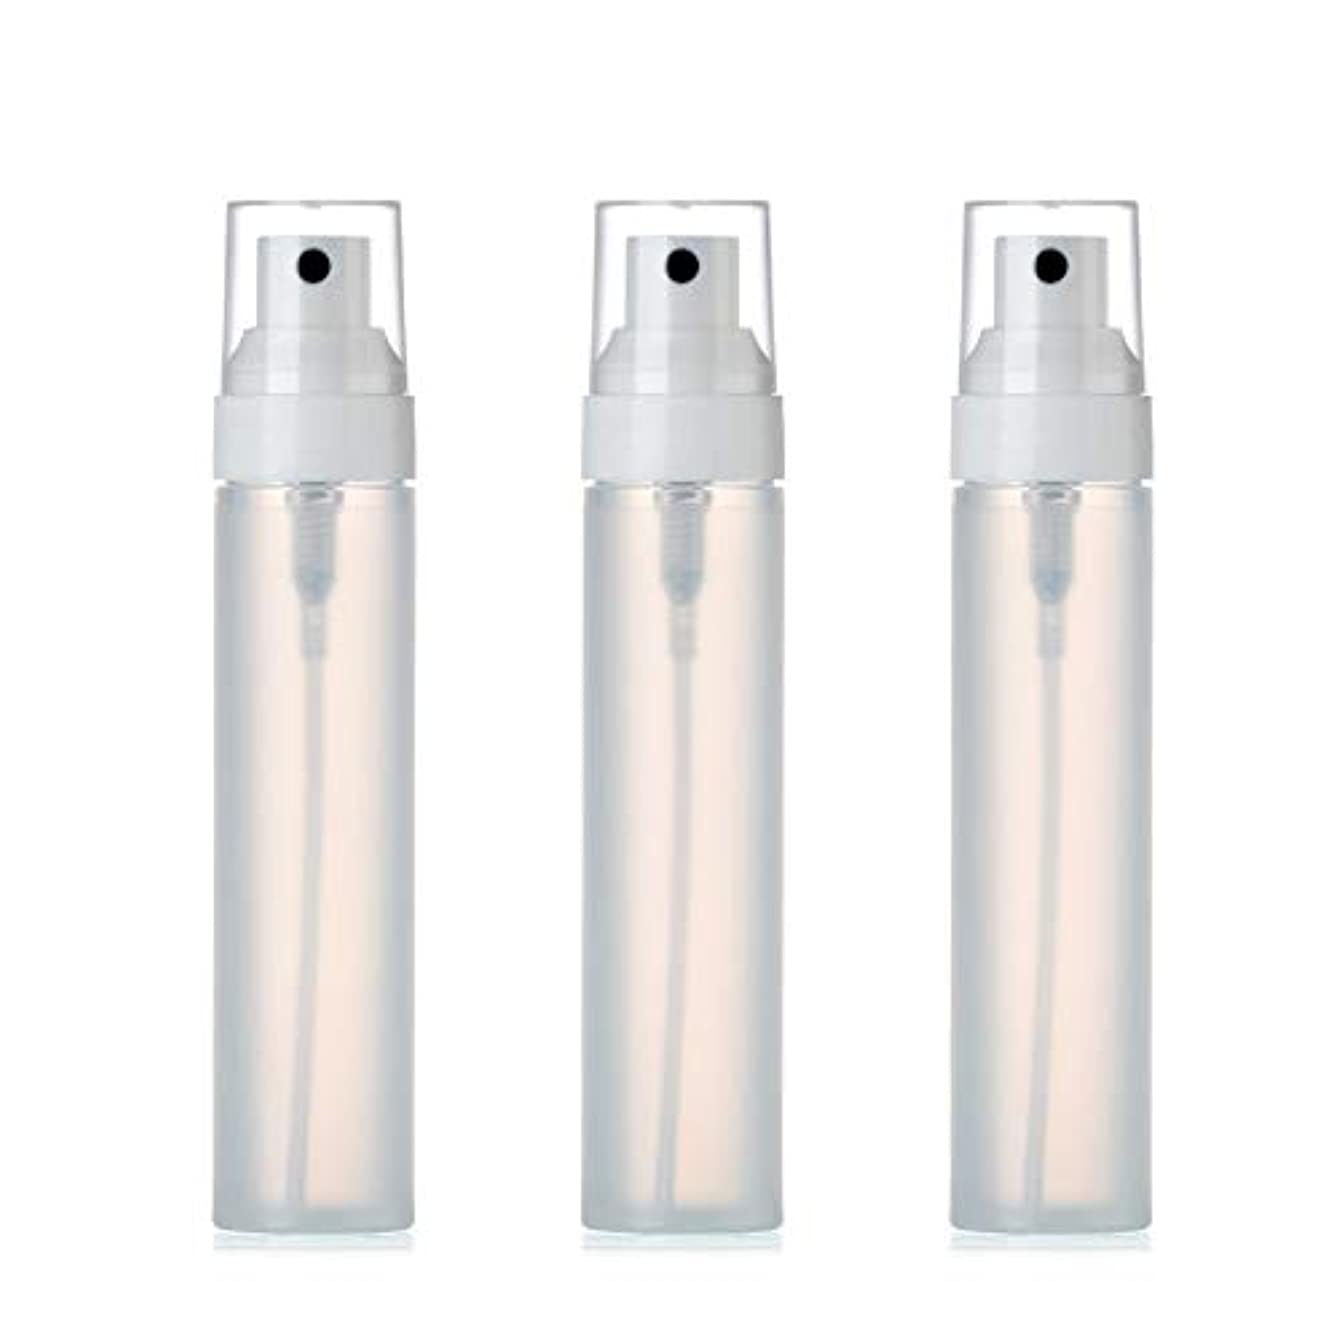 お客様リビジョン意志極細のミスト 小分けボトル 3本セット 半透明 トラベルボトル PP 磨砂 スプレーボトル 化粧水 詰替用ボトル 霧吹き 環境保護 詰め替え容器 旅行用品 (50ml)